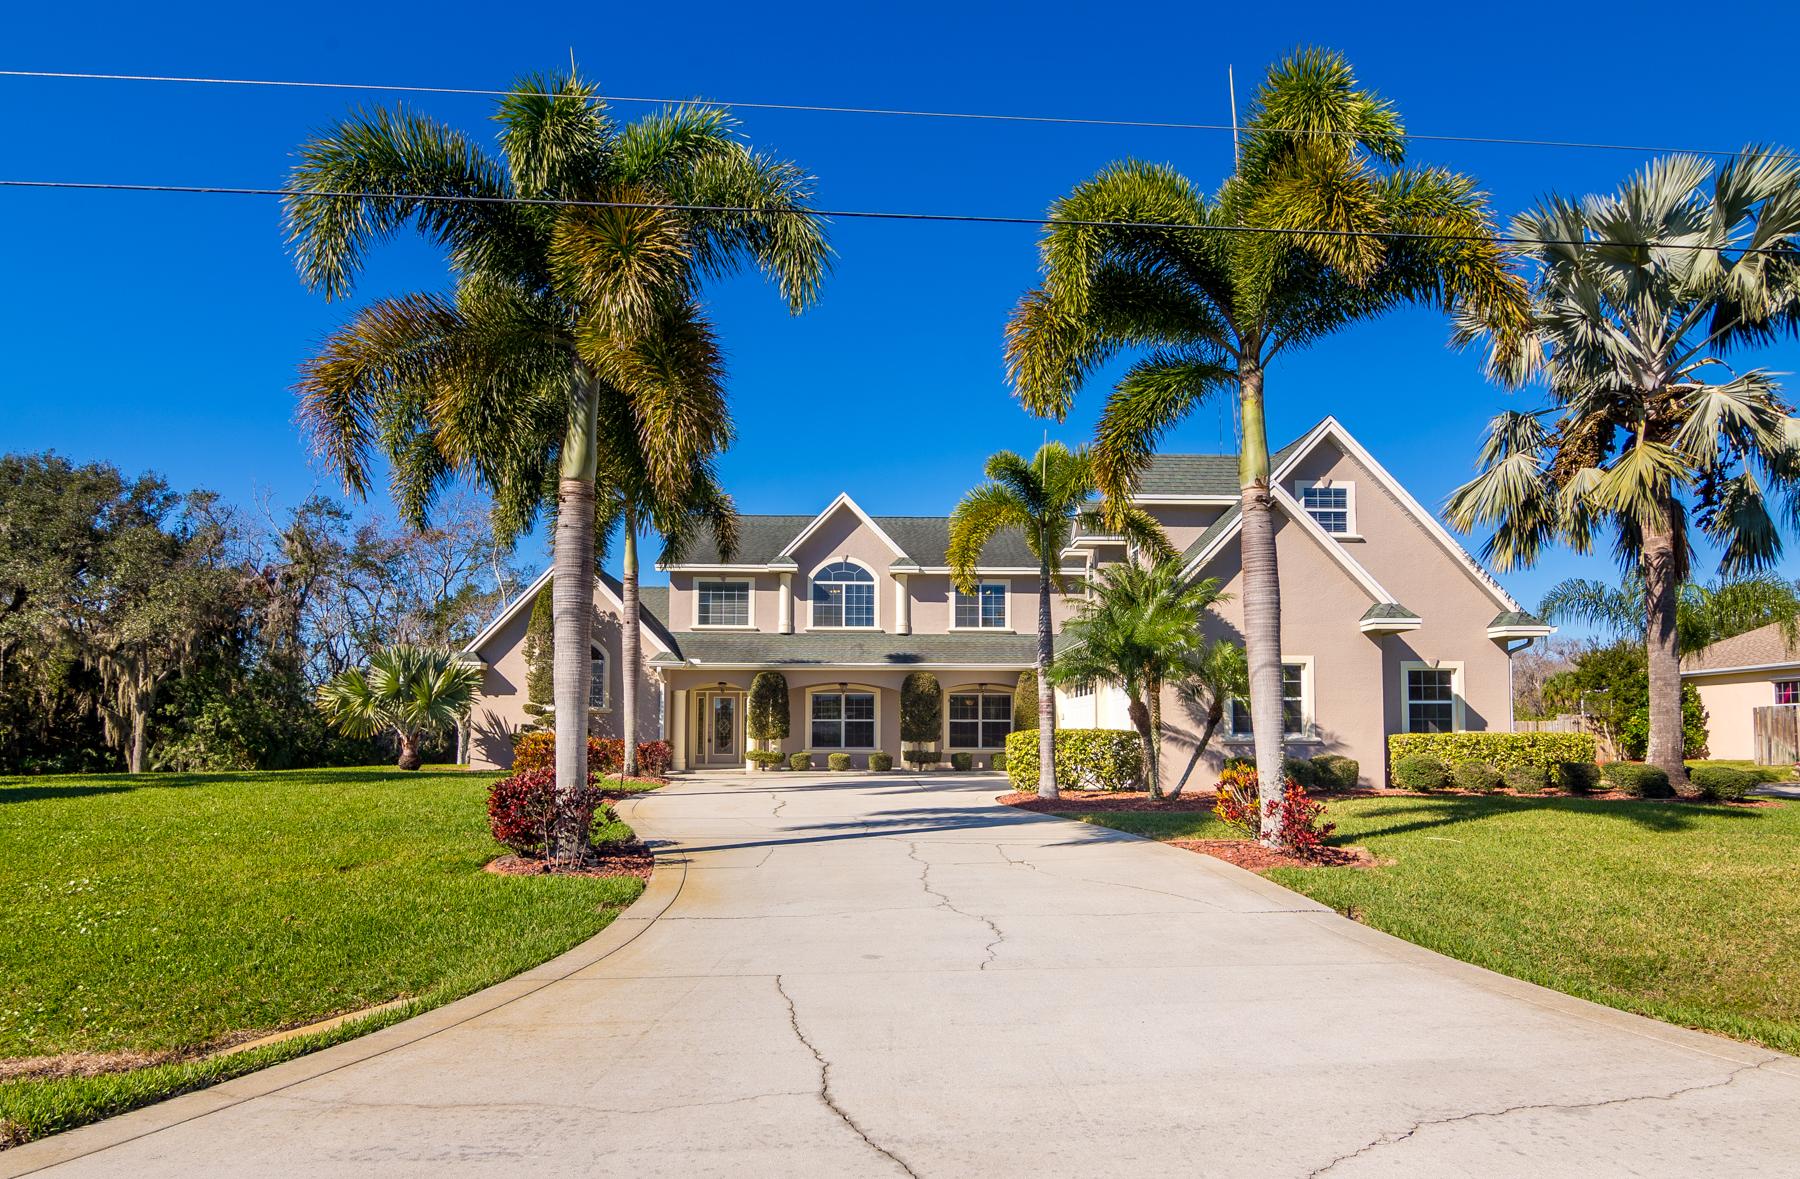 Maison unifamiliale pour l Vente à Windover Farms of Melbourne 4450 Philodendron Ct Melbourne, Florida, 32934 États-Unis